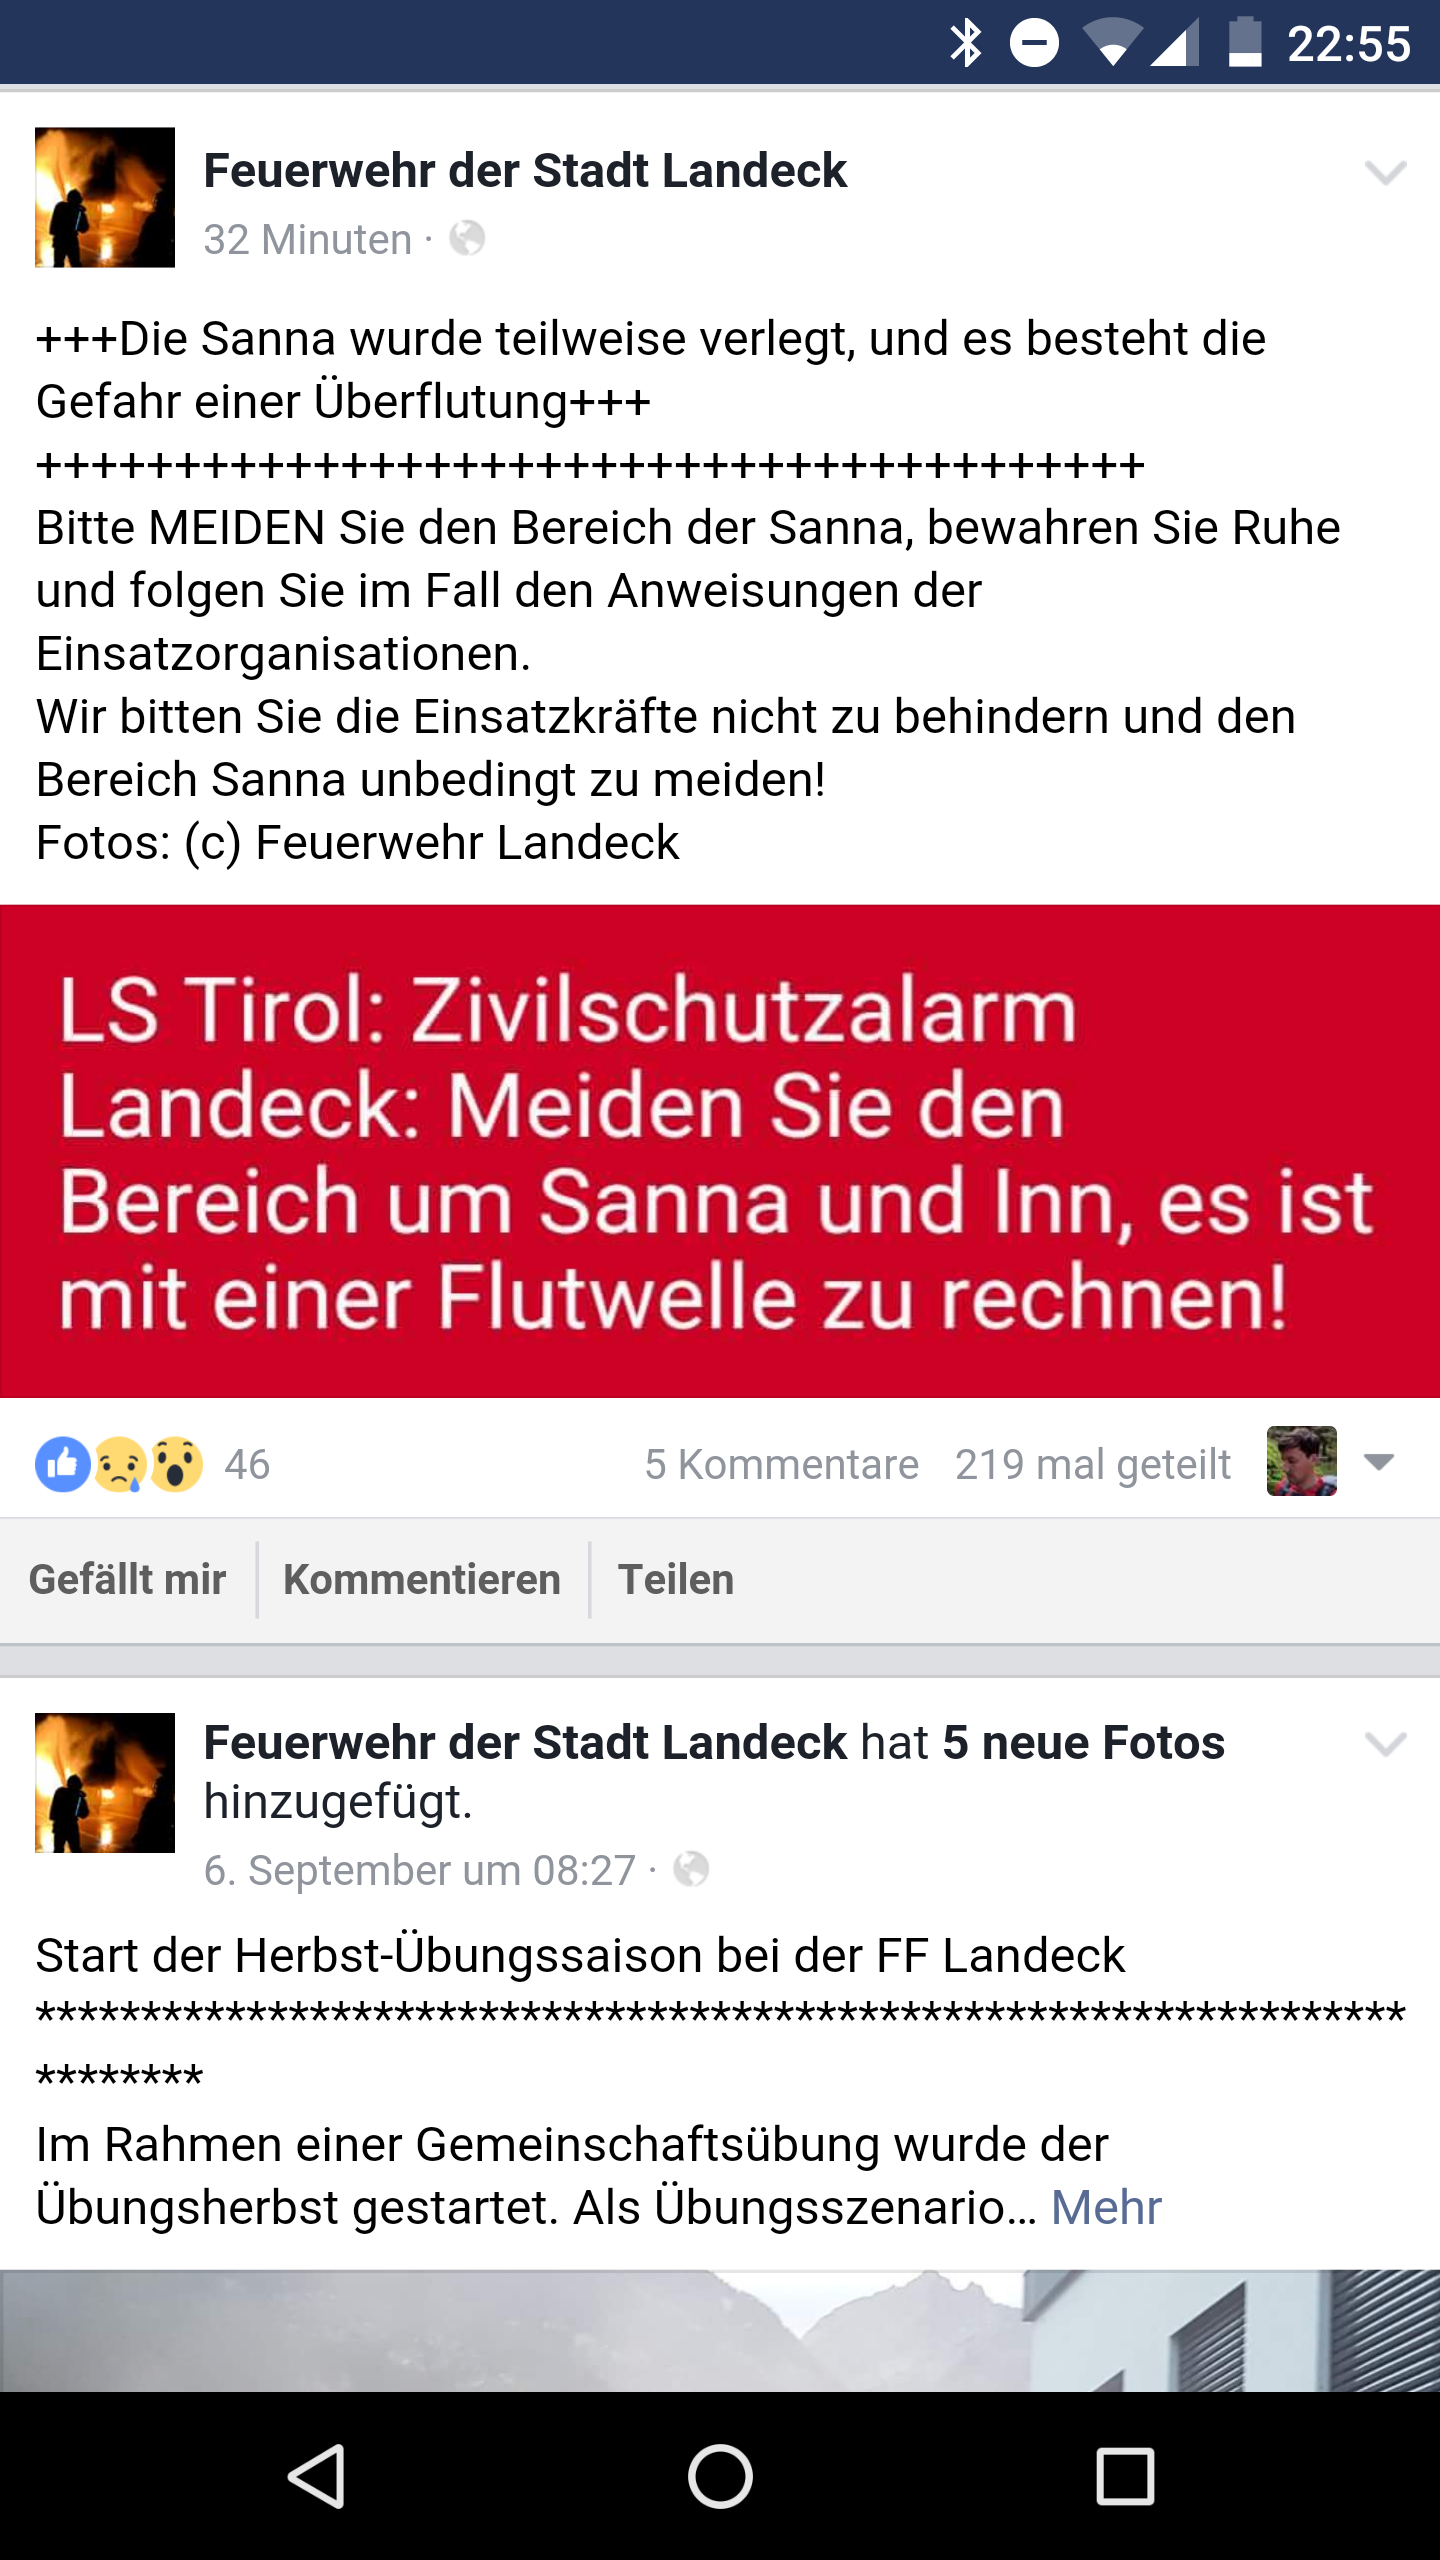 Facebookinfo Feuerwehr LandeckFacebookinfo Feuerwehr Landeck